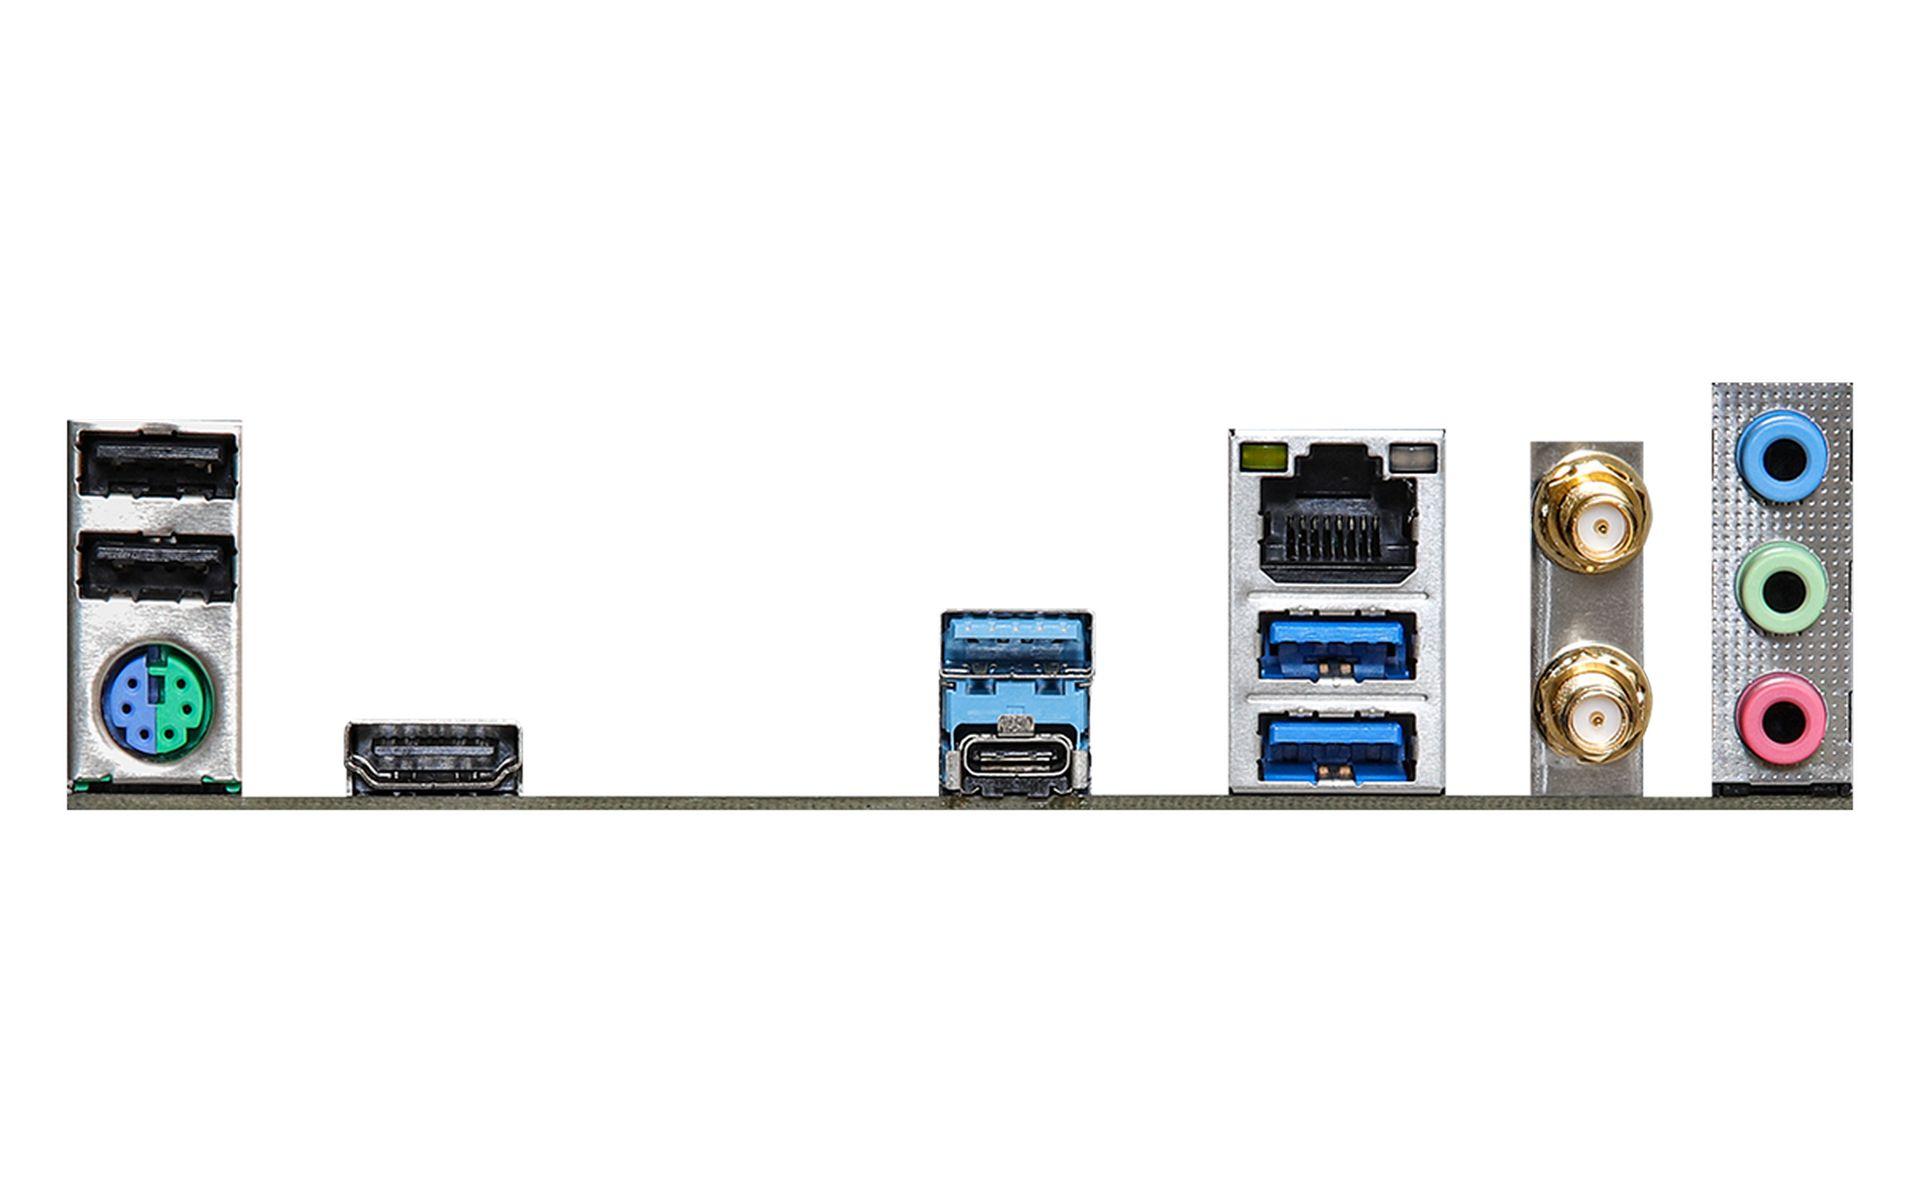 bo mạch chủ ASRock Z590 Phantom Gaming 4/ac đi kèm với mô-đun WiFi 802.11ac